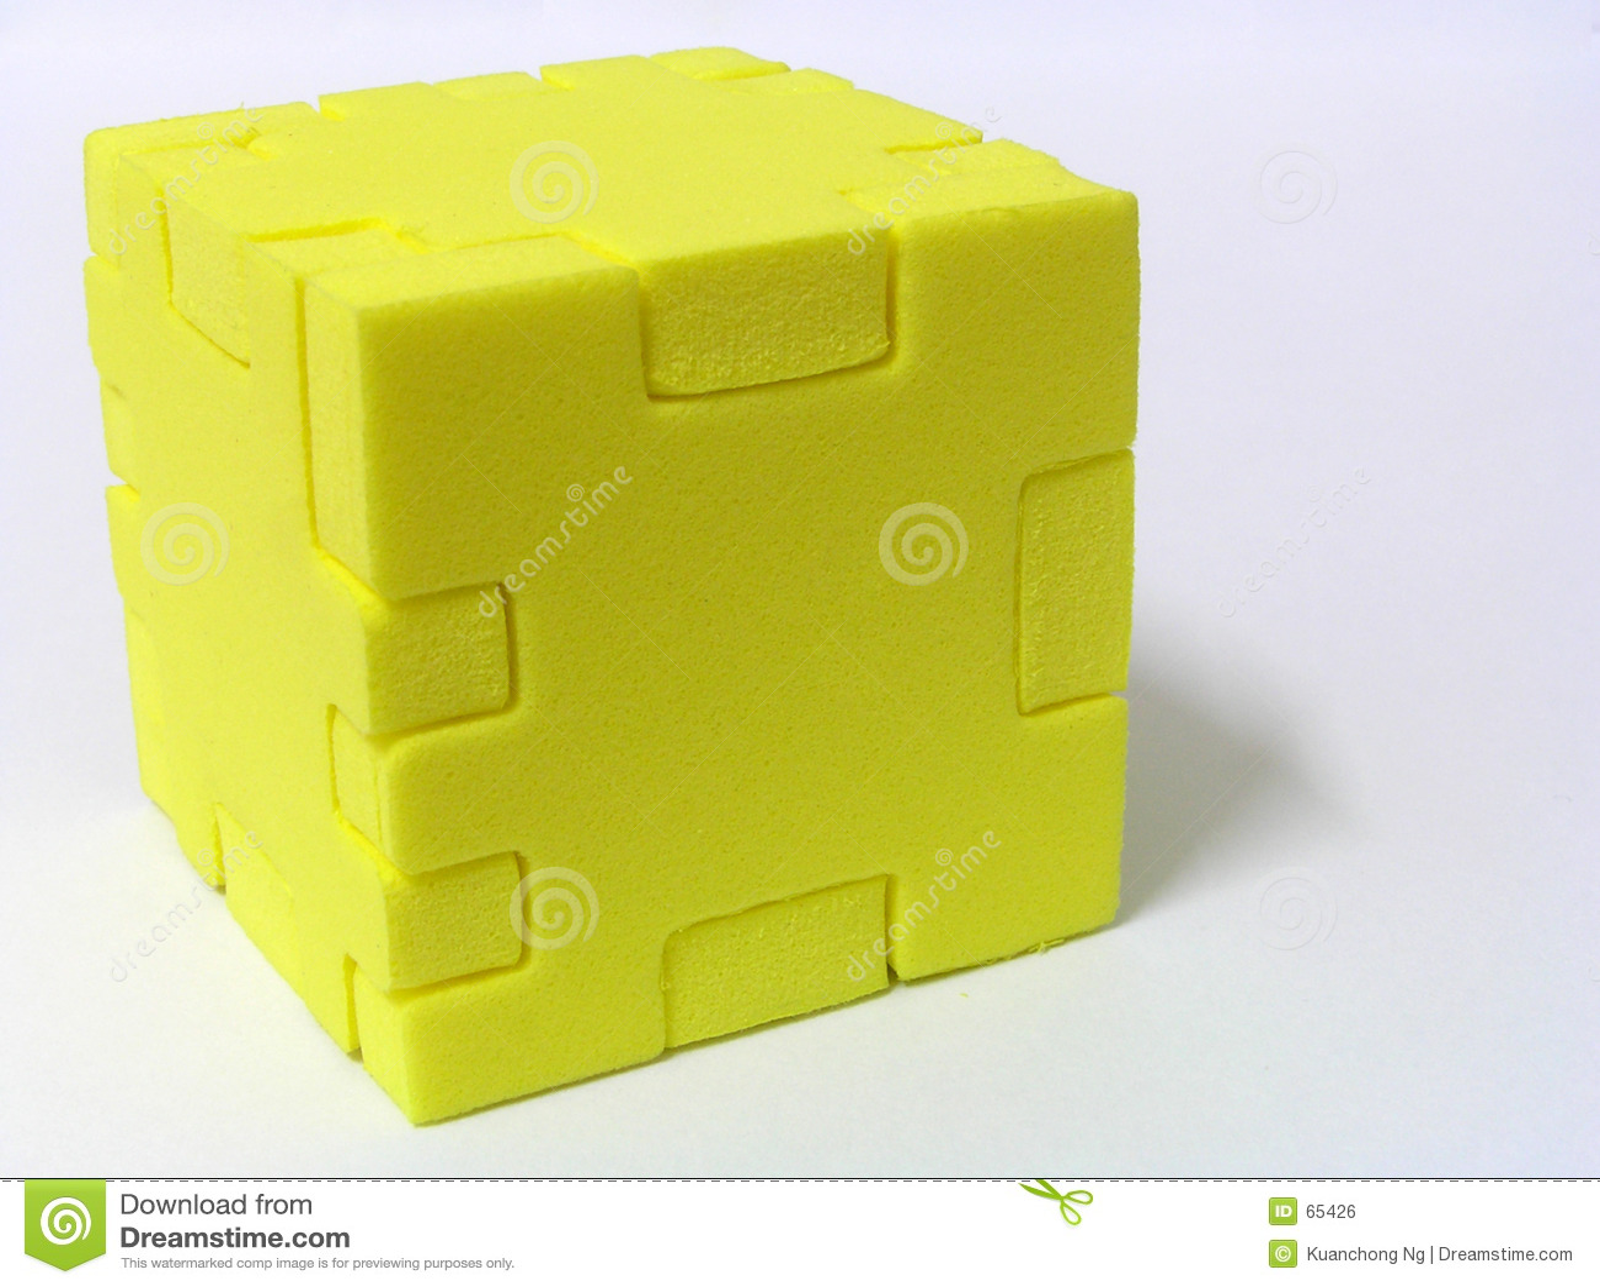 Puzzle - COLORE GIALLO